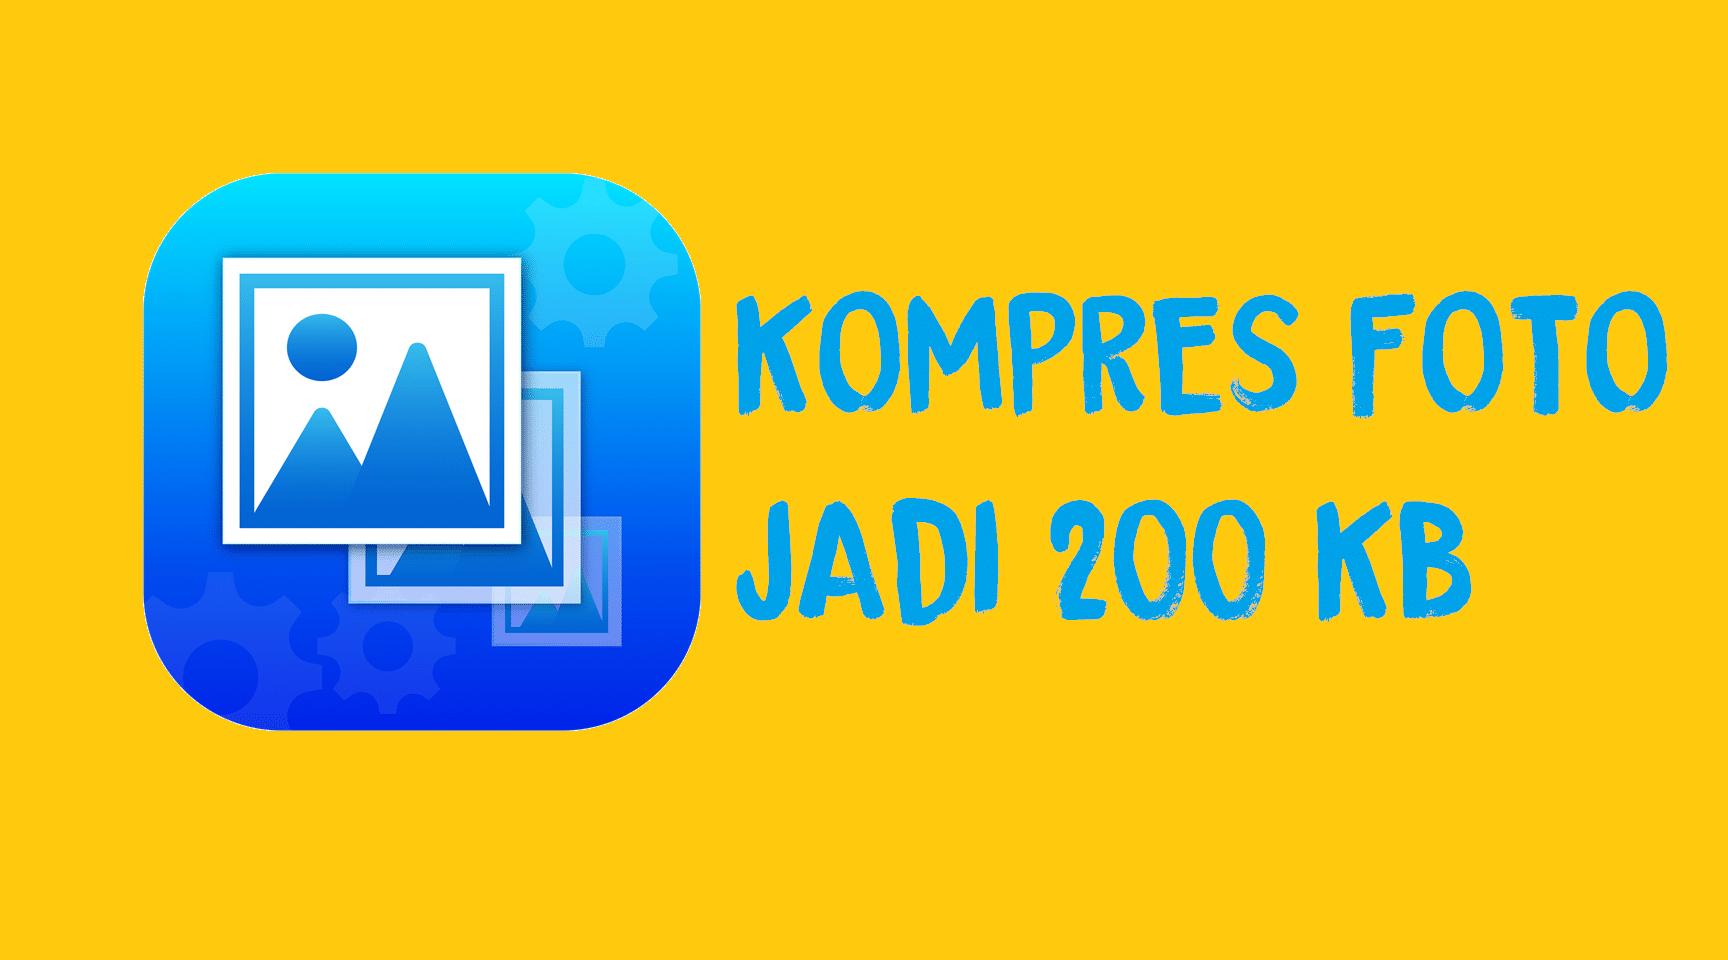 Cara Kompres Foto 200kb Di HP